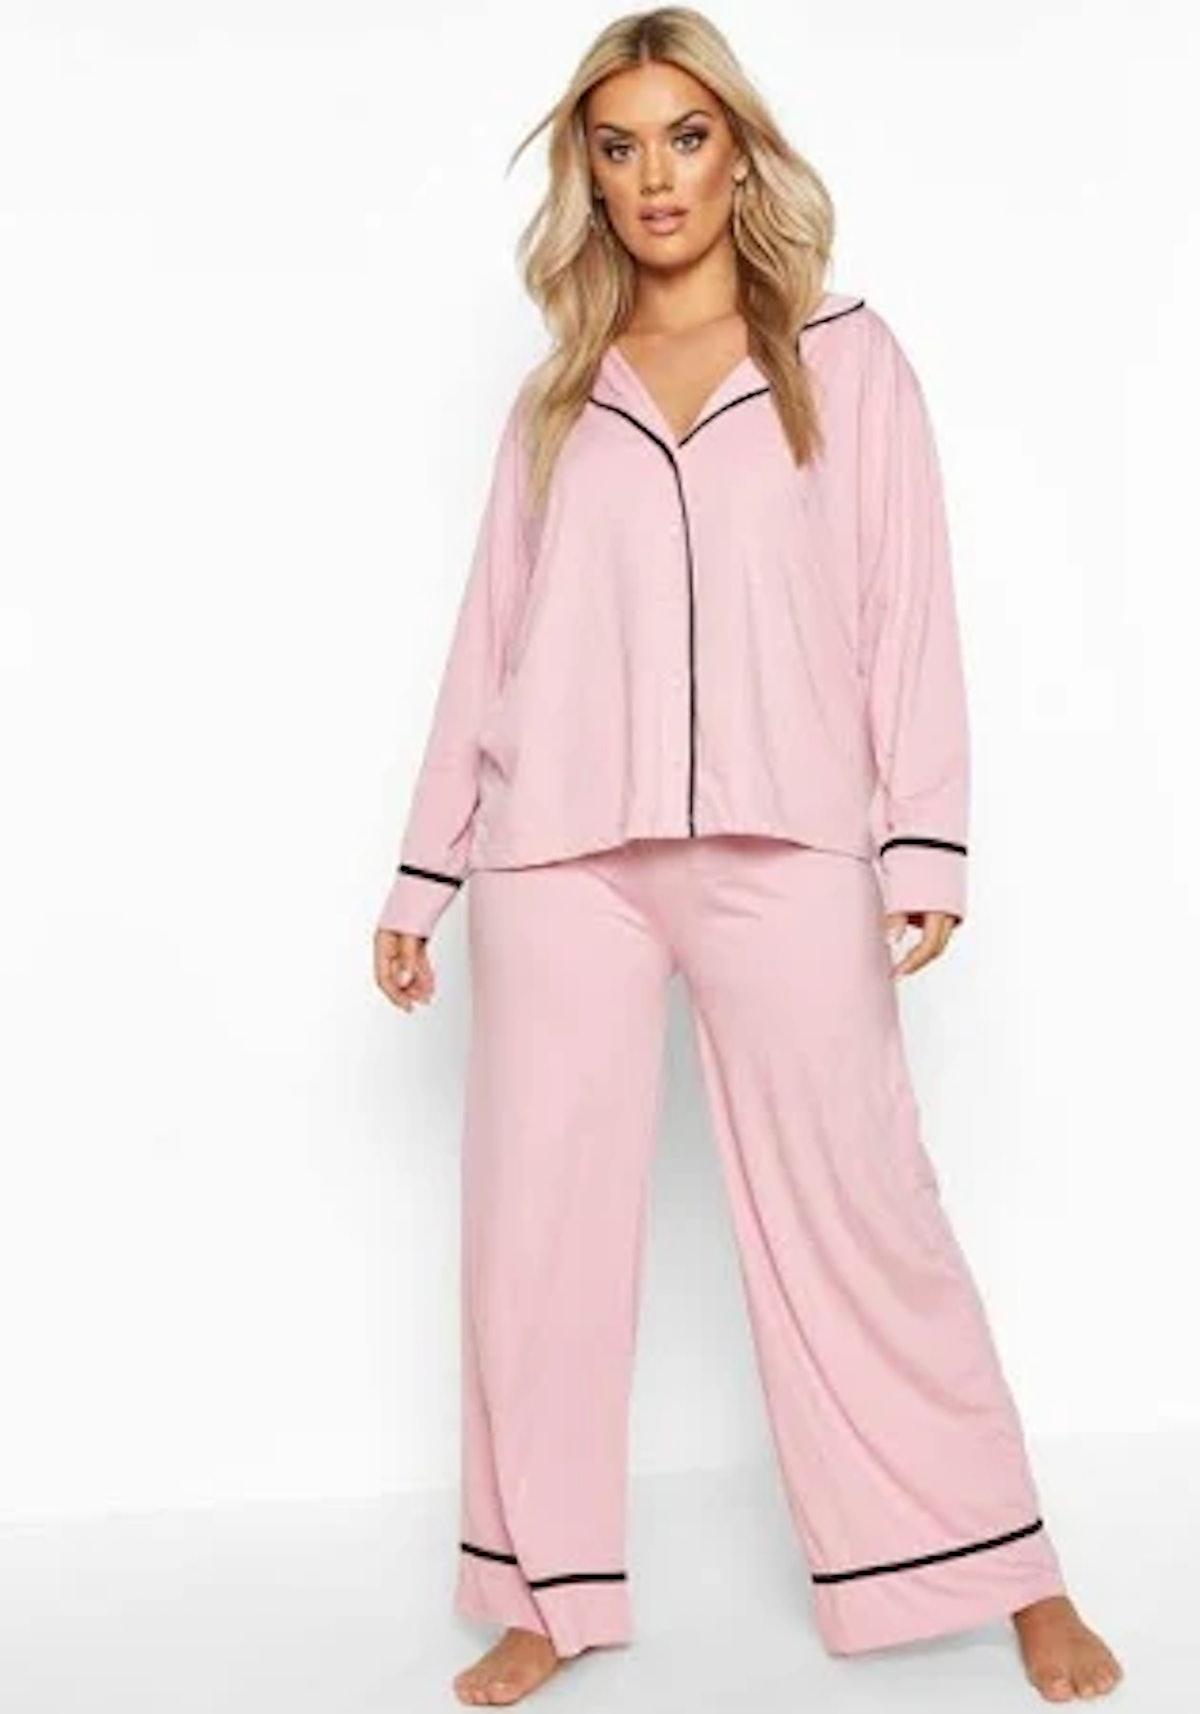 Boohoo Blush pink Plus Long Sleeve Button Through Jersey PJ Set alternative image Blush pink Plus Lo...